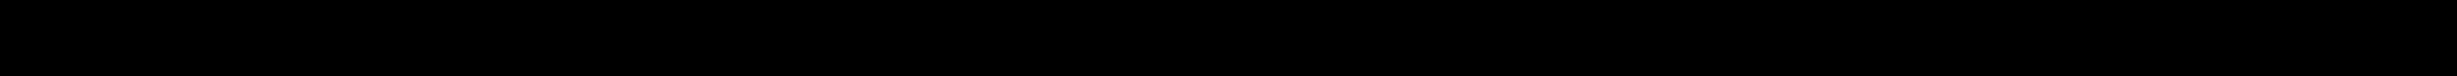 {\displaystyle R_{fb}=2(R_{1}+R_{2}+R_{3})+{\frac {2R_{1}R_{3}}{R_{2}}}+{\frac {C_{2}R_{2}+C_{2}R_{3}+C_{3}R_{3}}{C1}}+{\frac {2C_{1}R_{1}+C_{1}R_{2}+C_{3}R_{3}}{C_{2}}}+{\frac {2C_{1}R_{1}+2C_{2}R_{1}+C_{1}R_{2}+C_{2}R_{2}+C_{2}R_{3}}{C_{3}}}+{\frac {C_{1}R_{1}^{2}+C_{3}R_{1}R_{3}}{C_{2}R_{2}}}+{\frac {C_{2}R_{1}R_{3}+C_{1}R_{1}^{2}}{C_{3}R_{2}}}+{\frac {C_{1}R_{1}^{2}+C_{1}R_{1}R_{2}+C_{2}R_{1}R_{2}}{C_{3}R_{3}}}}